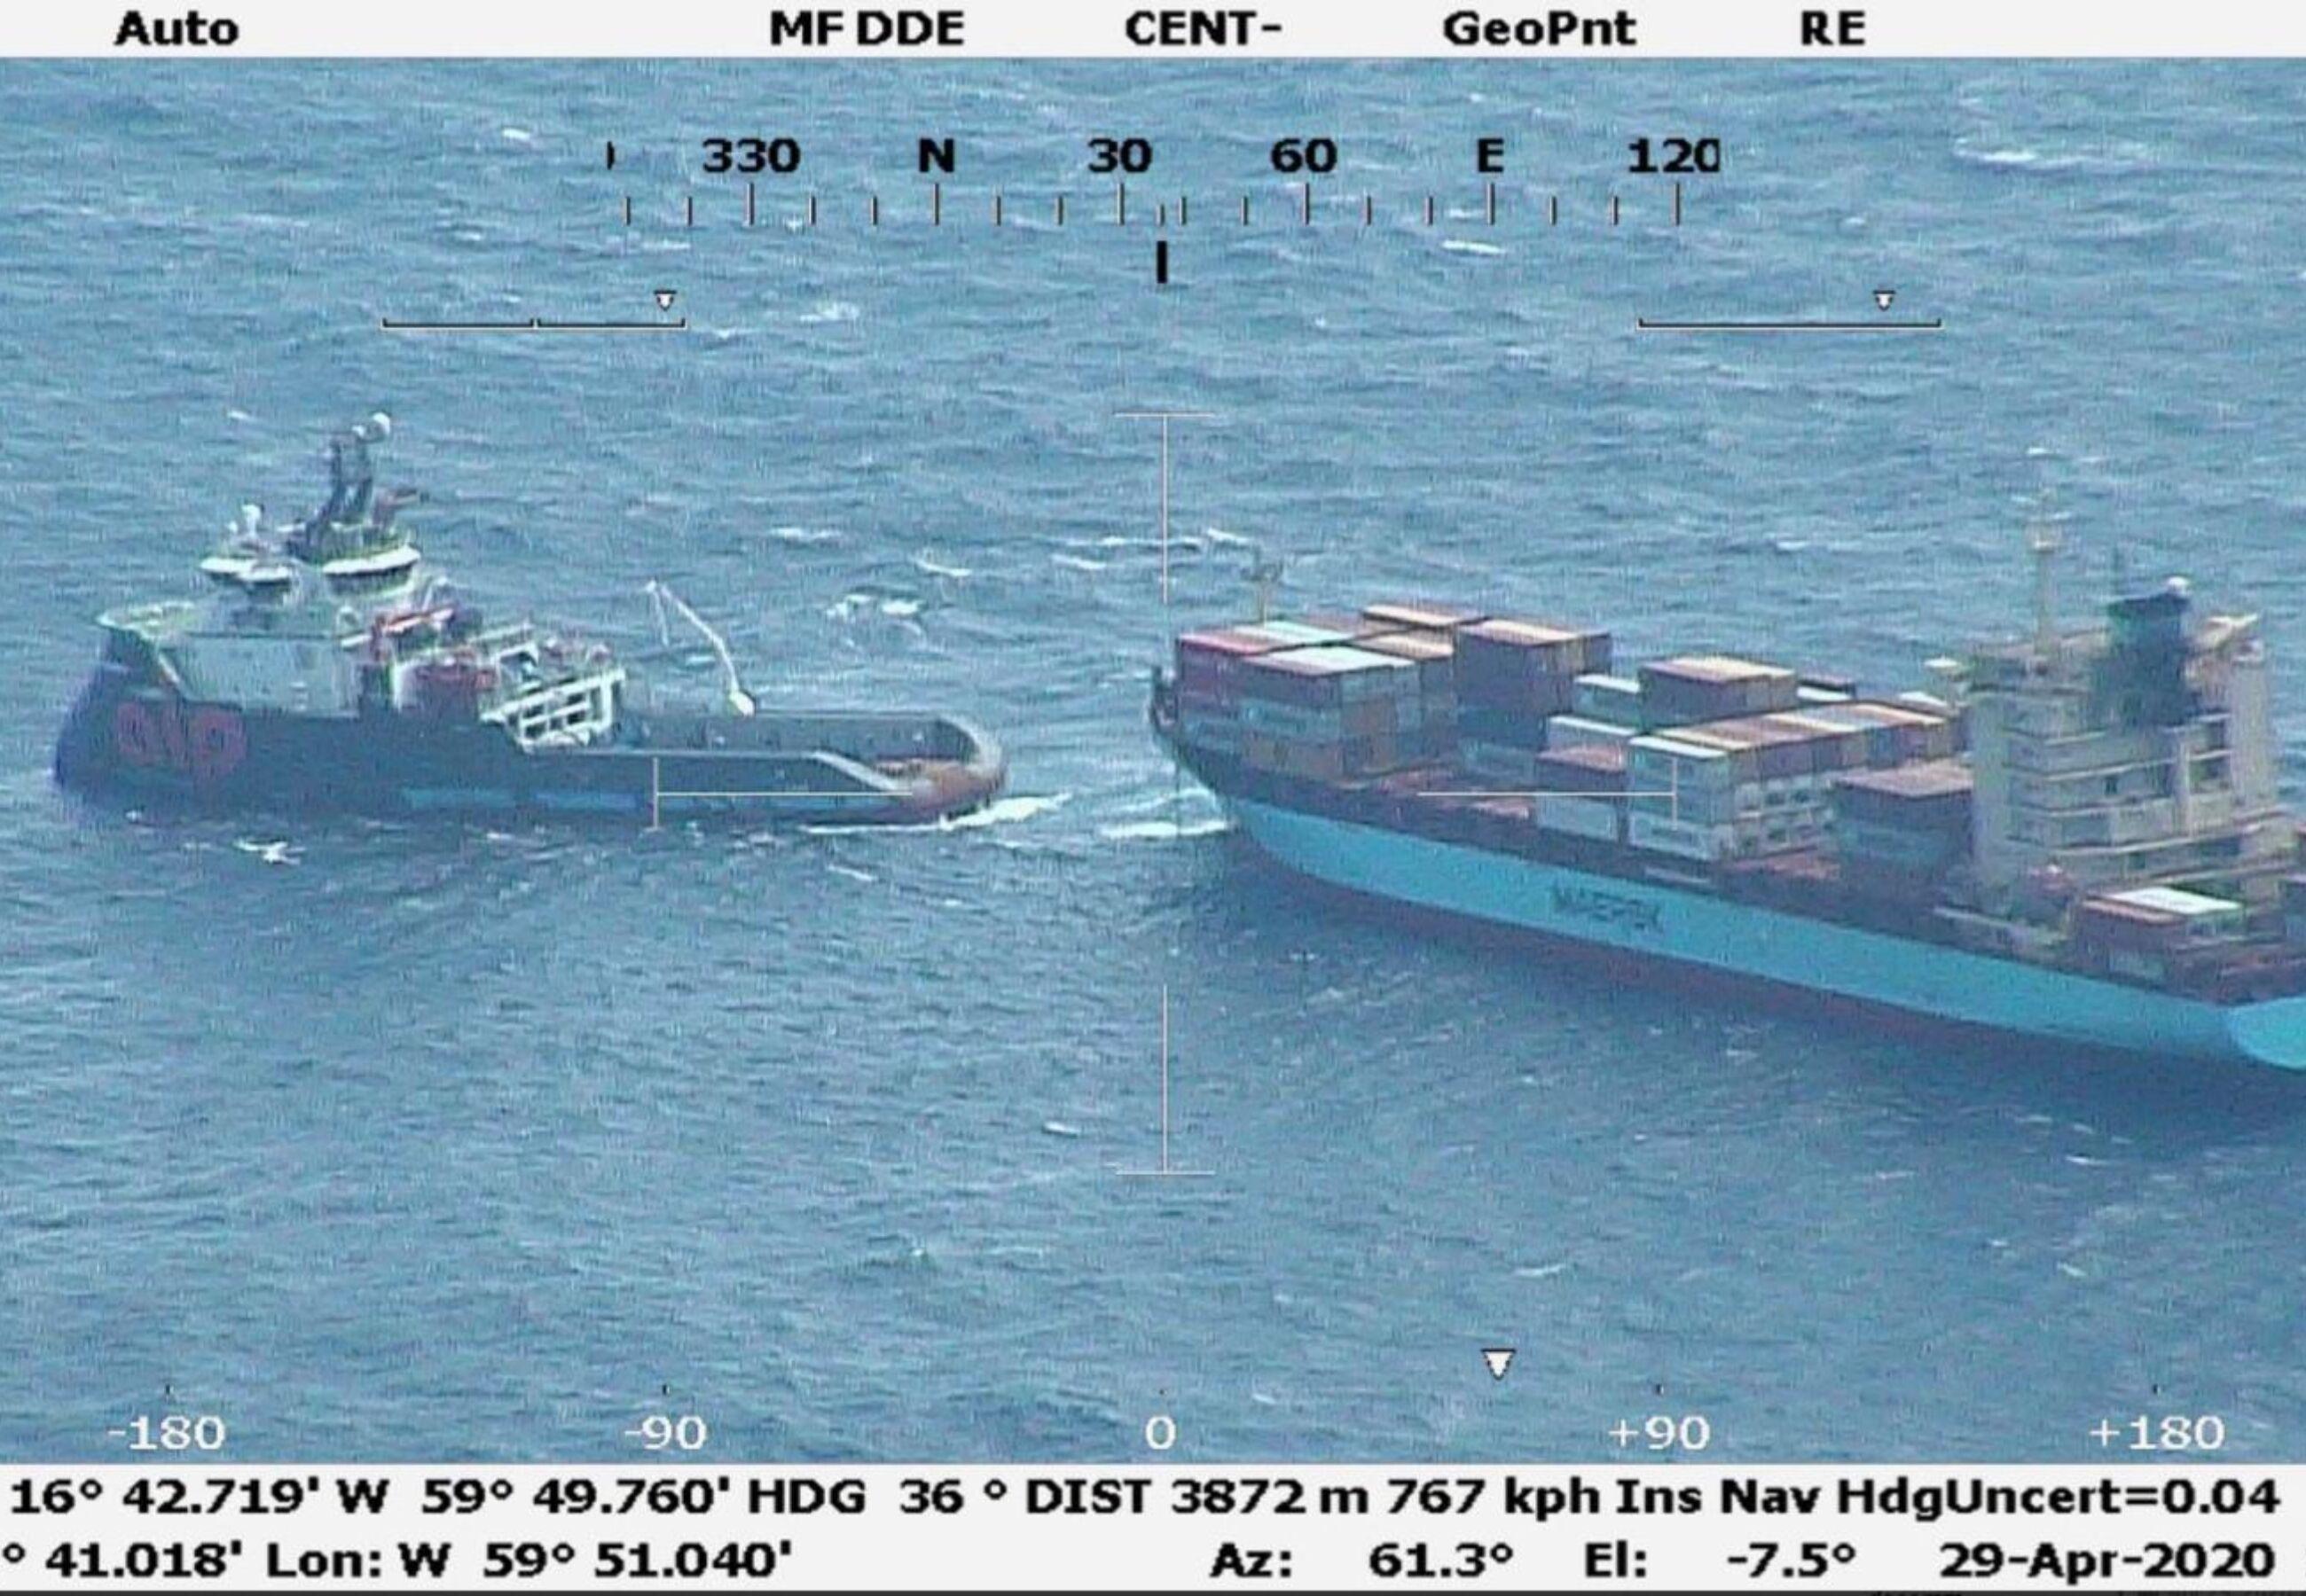 ALP Defneder Maersk Vilnius Coast guard spotted